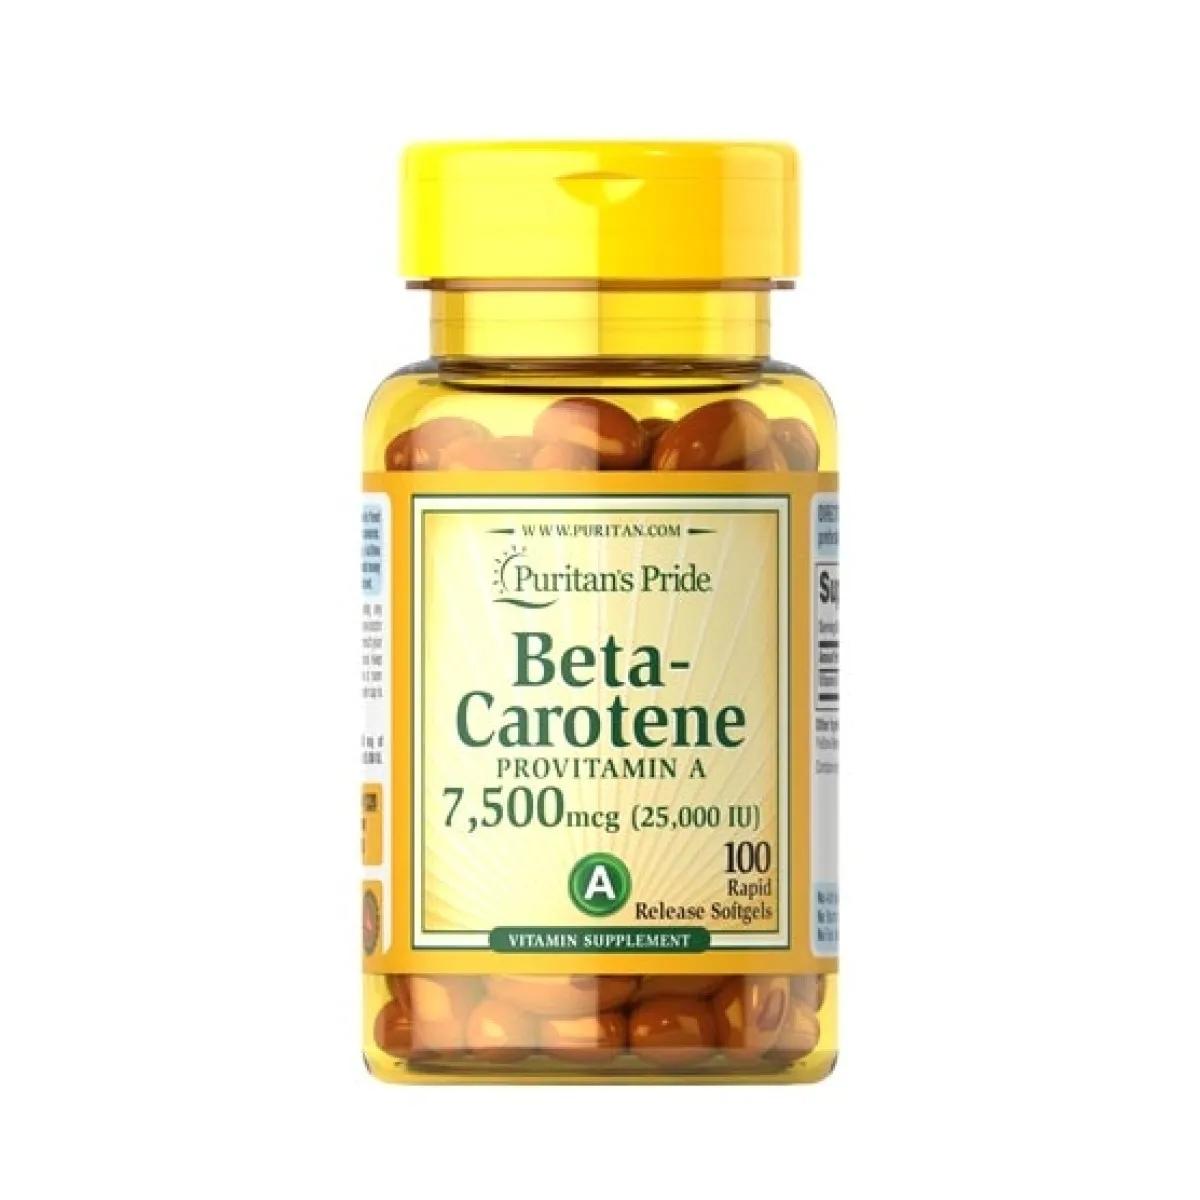 beta carotene supplement